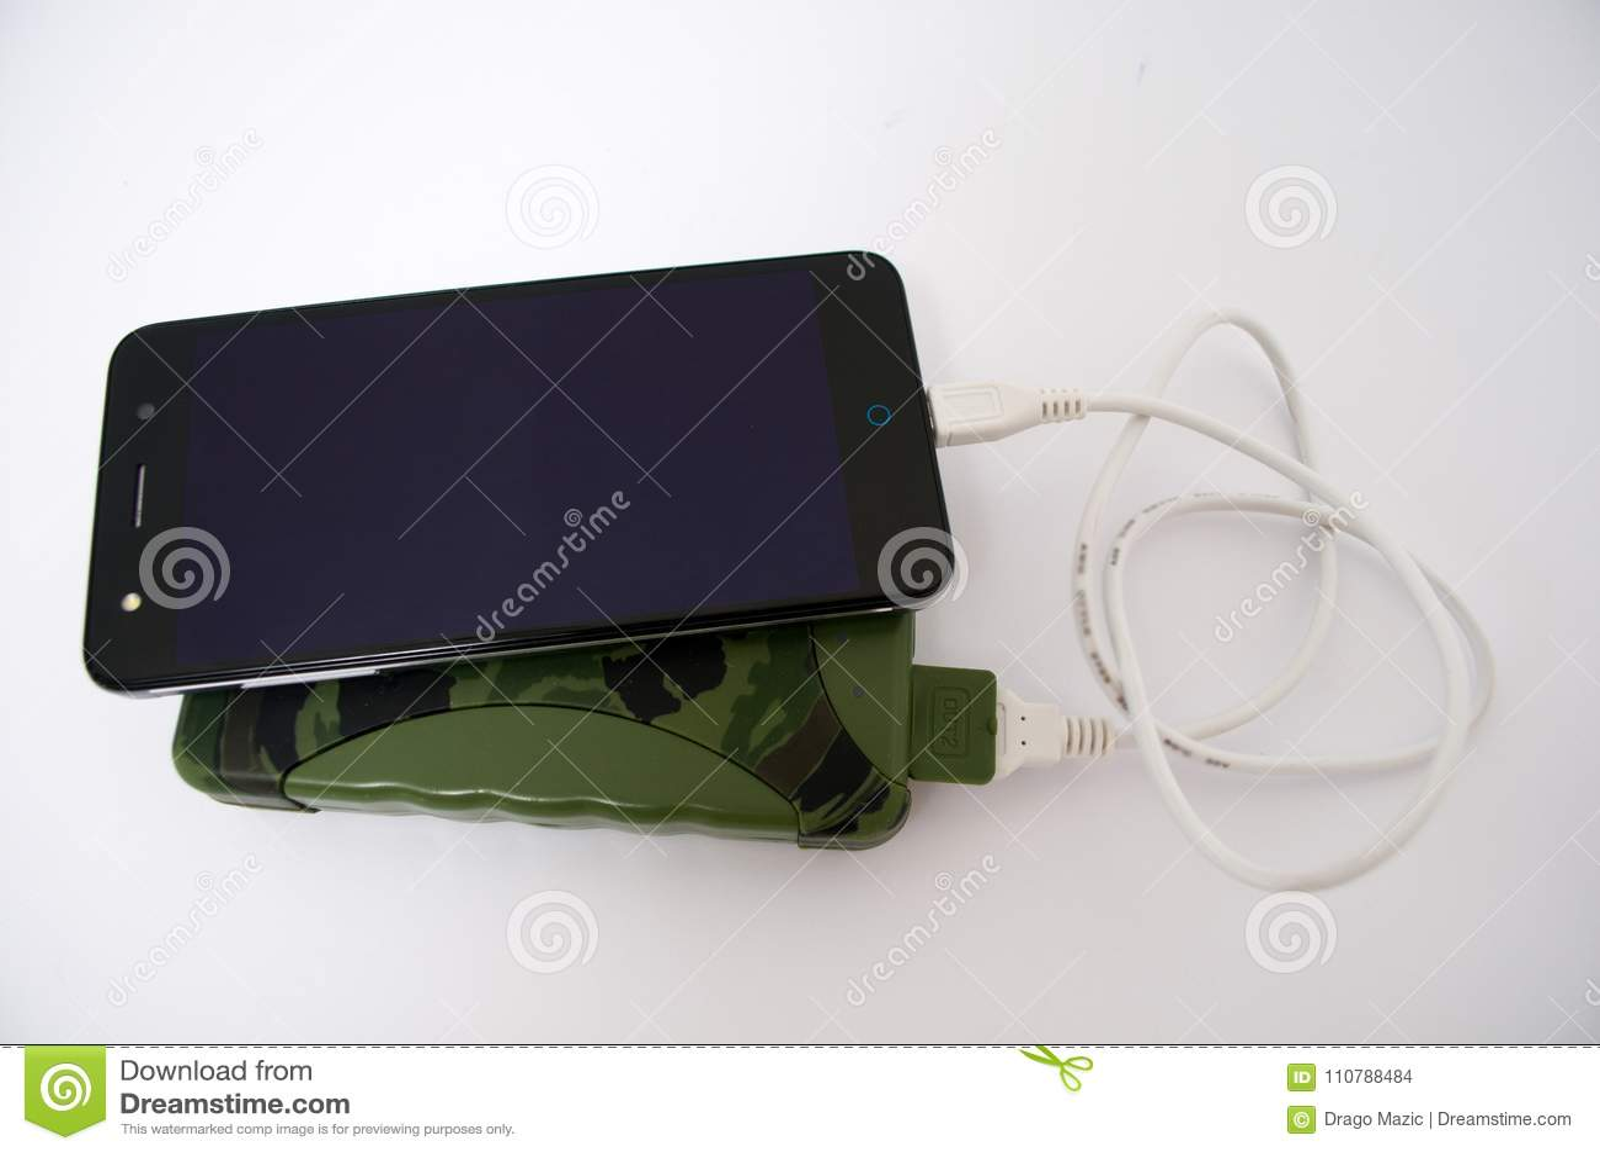 Поручите ваш телефон с помощью пакетам банка военной власти